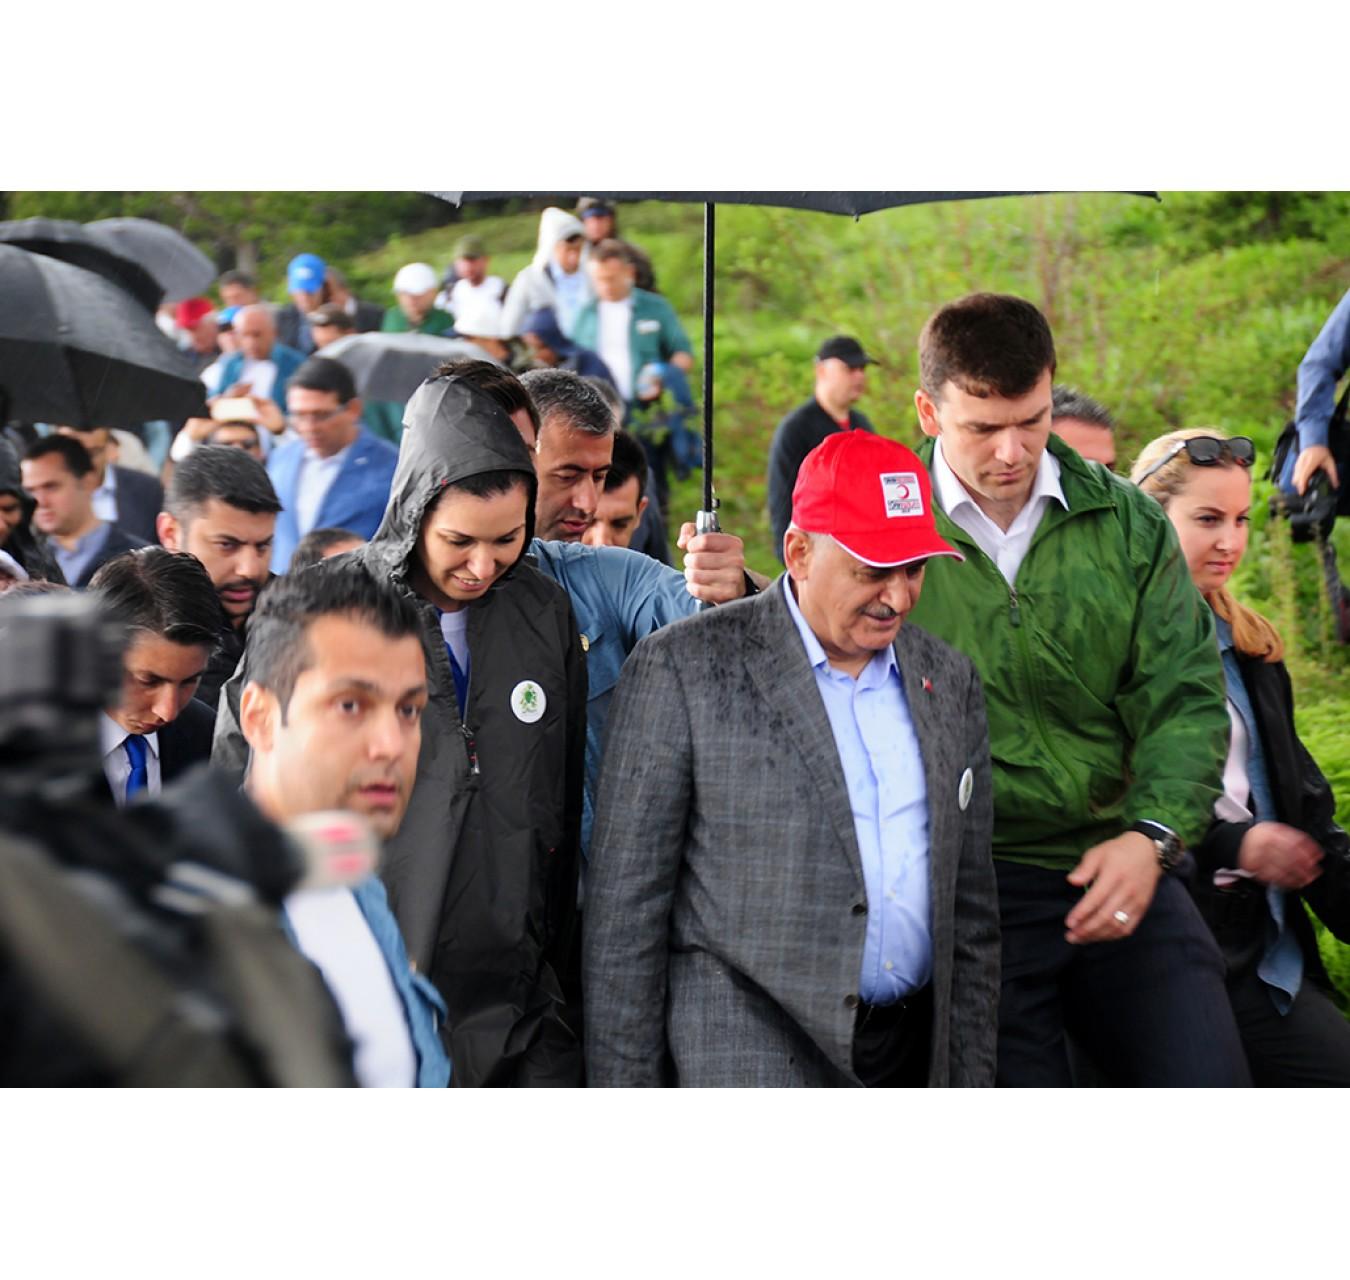 Karaaslan Başbakan İle Birlikte Doğa Yürüyüşünde